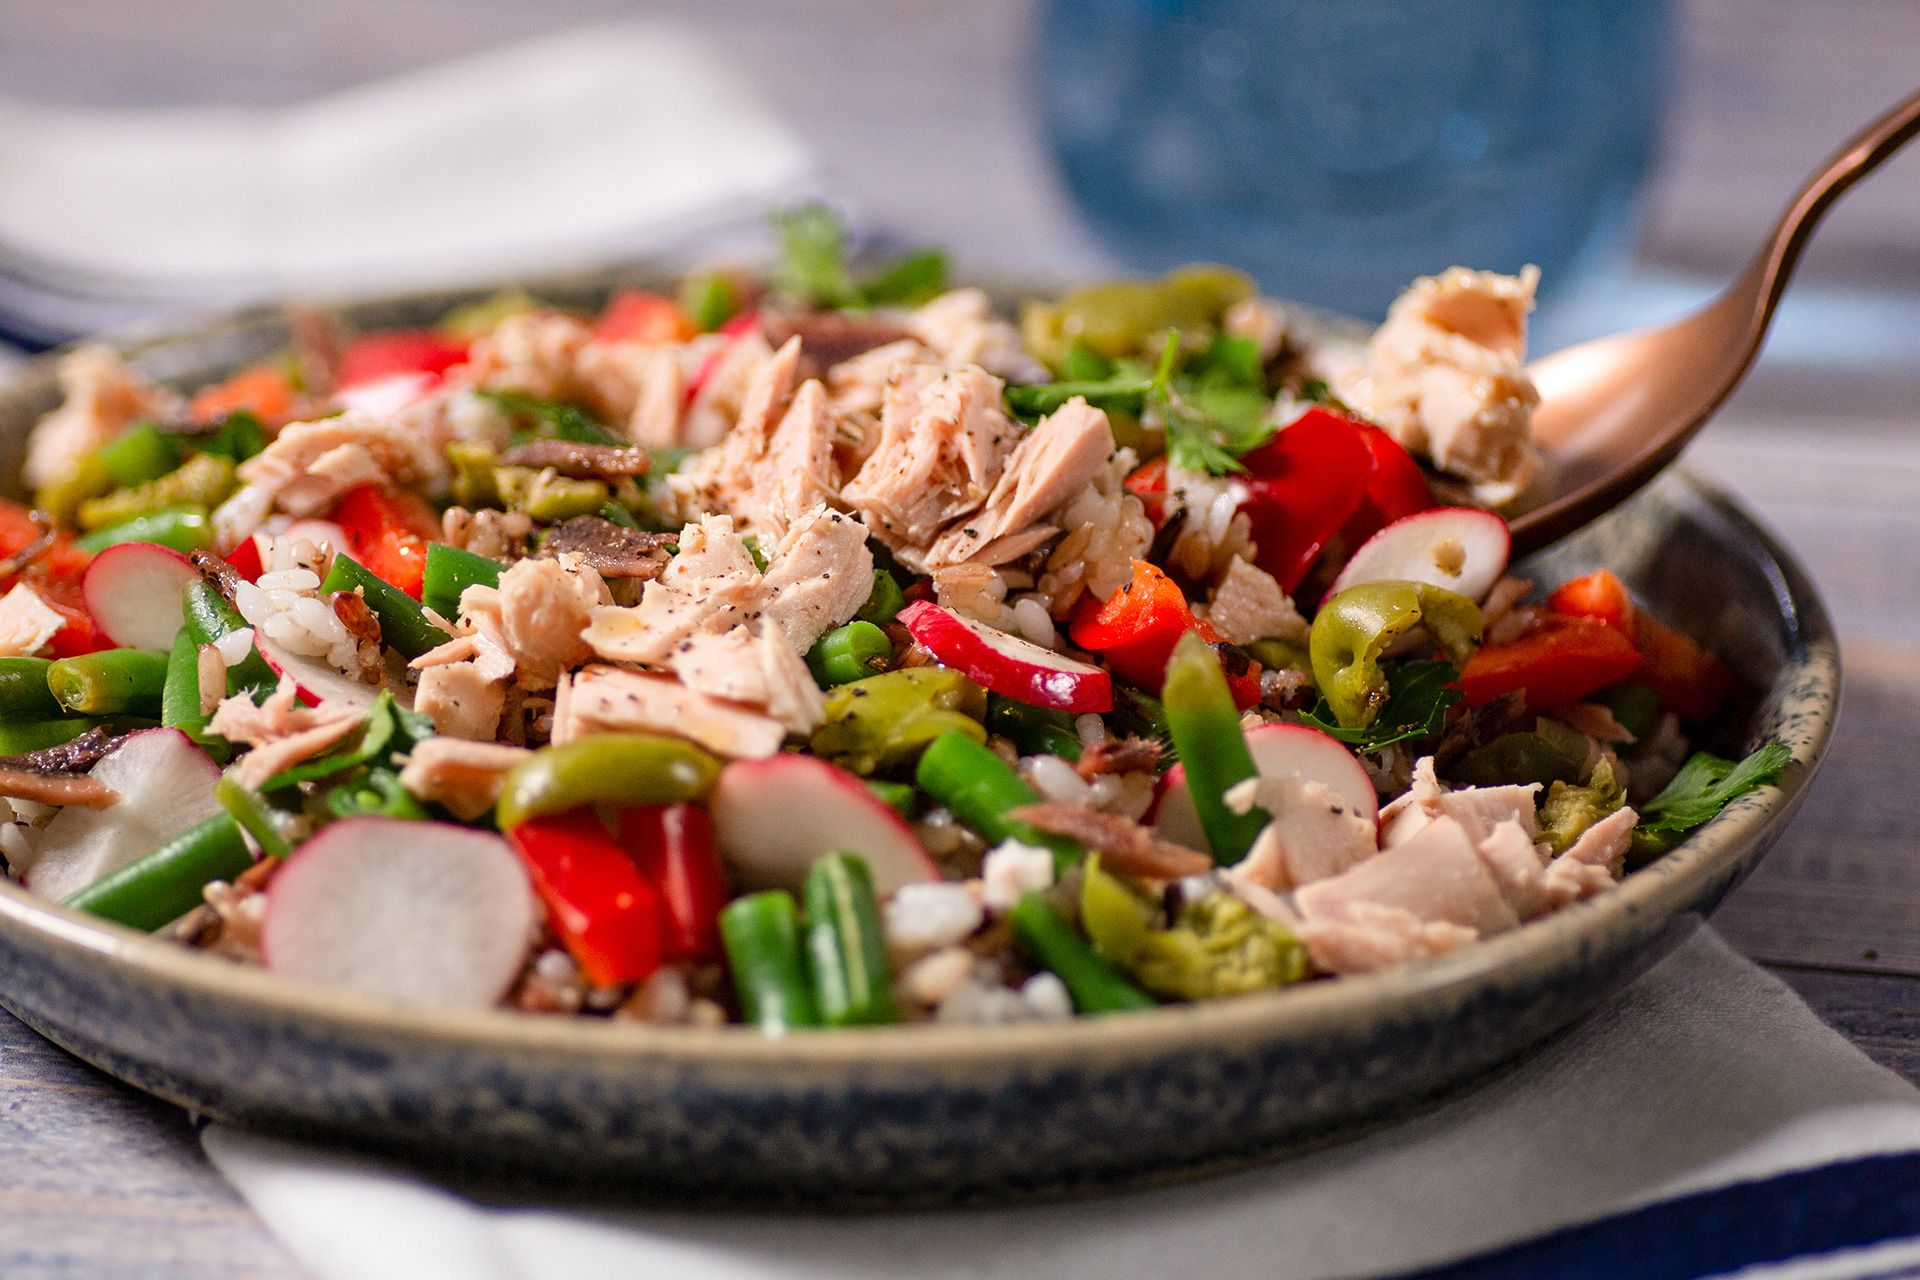 Salade printanière aux fruits de mer et au riz